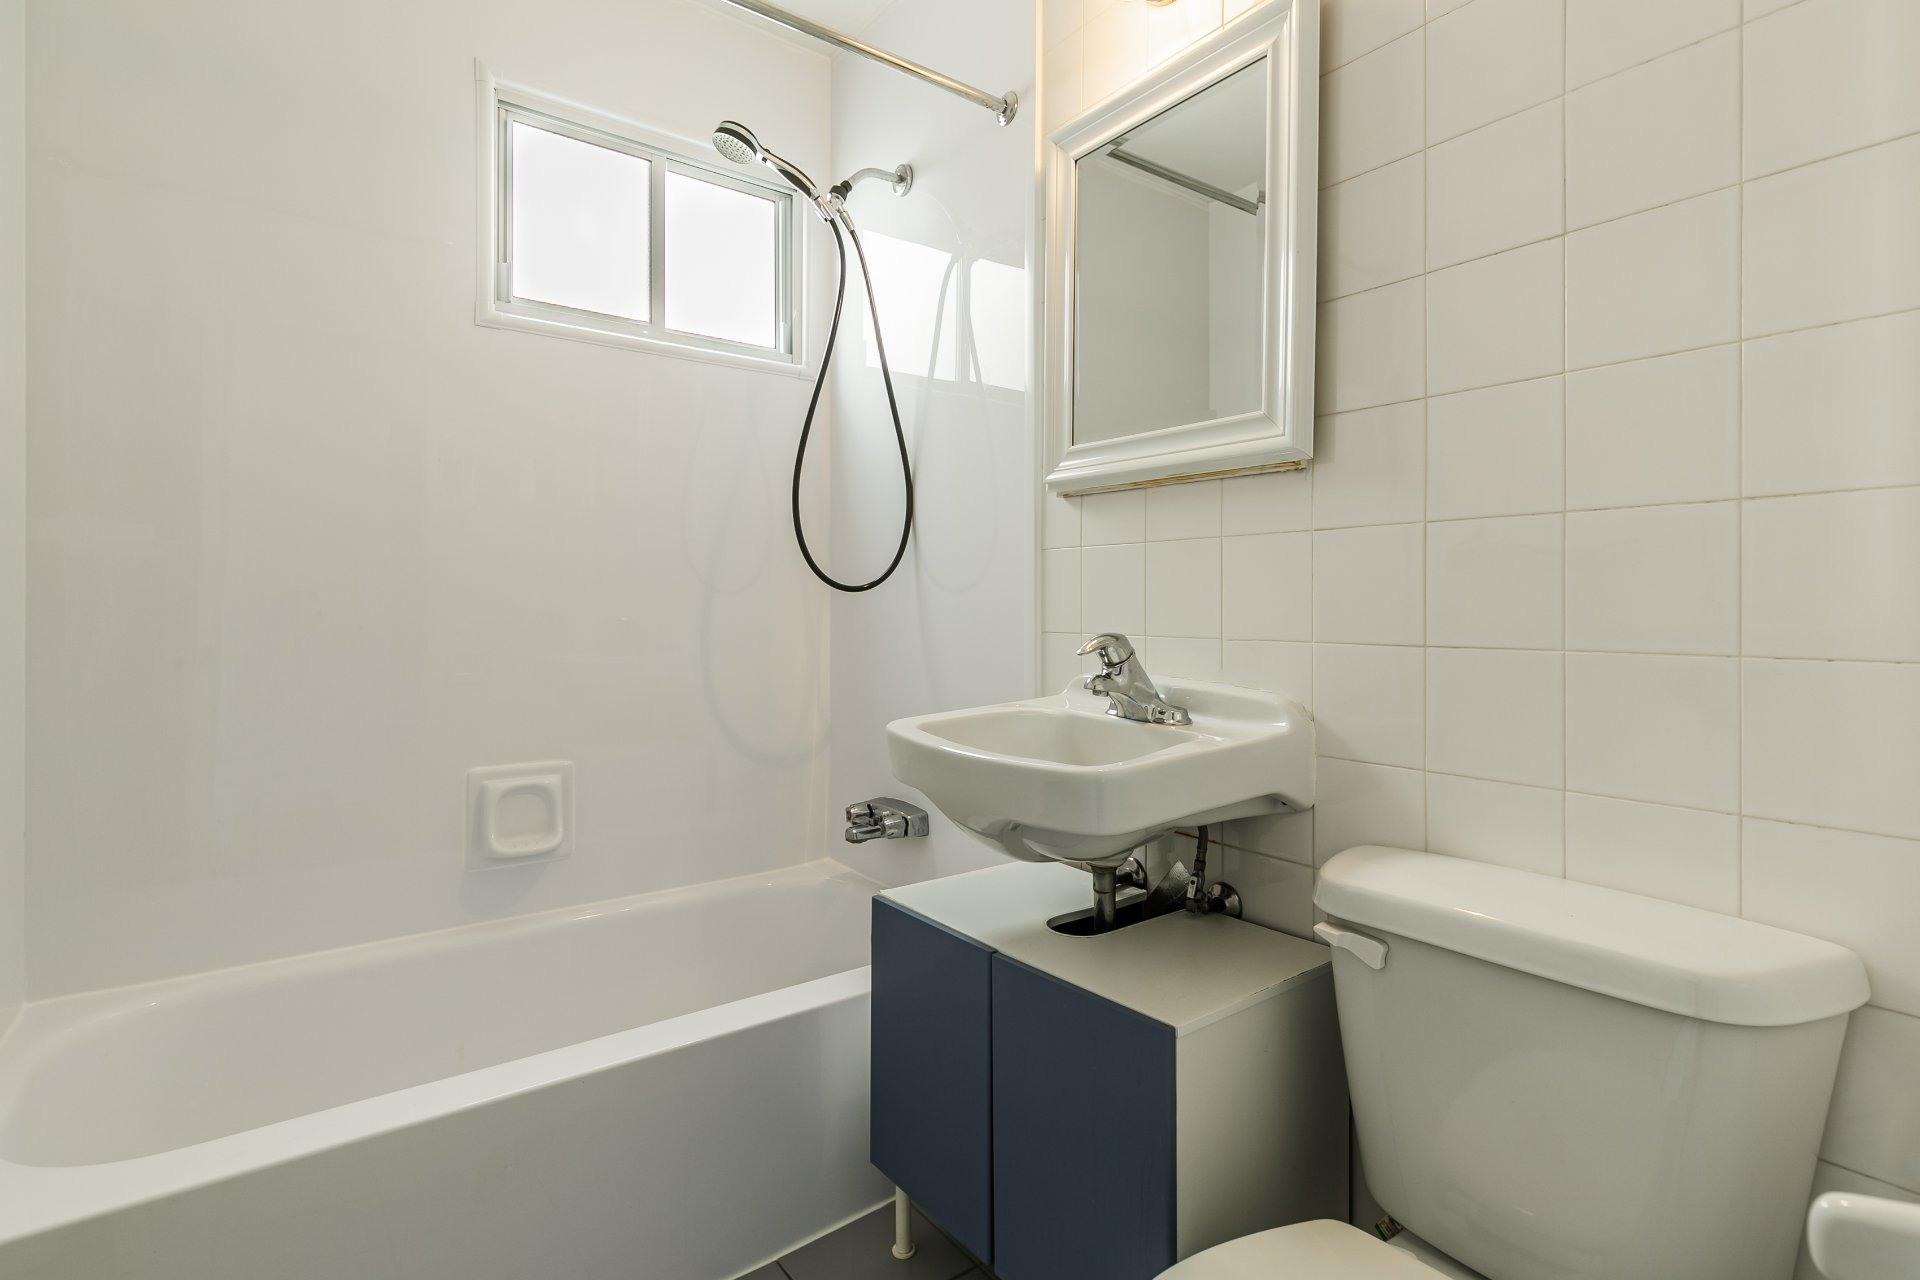 image 8 - Apartment For rent Anjou Montréal  - 5 rooms